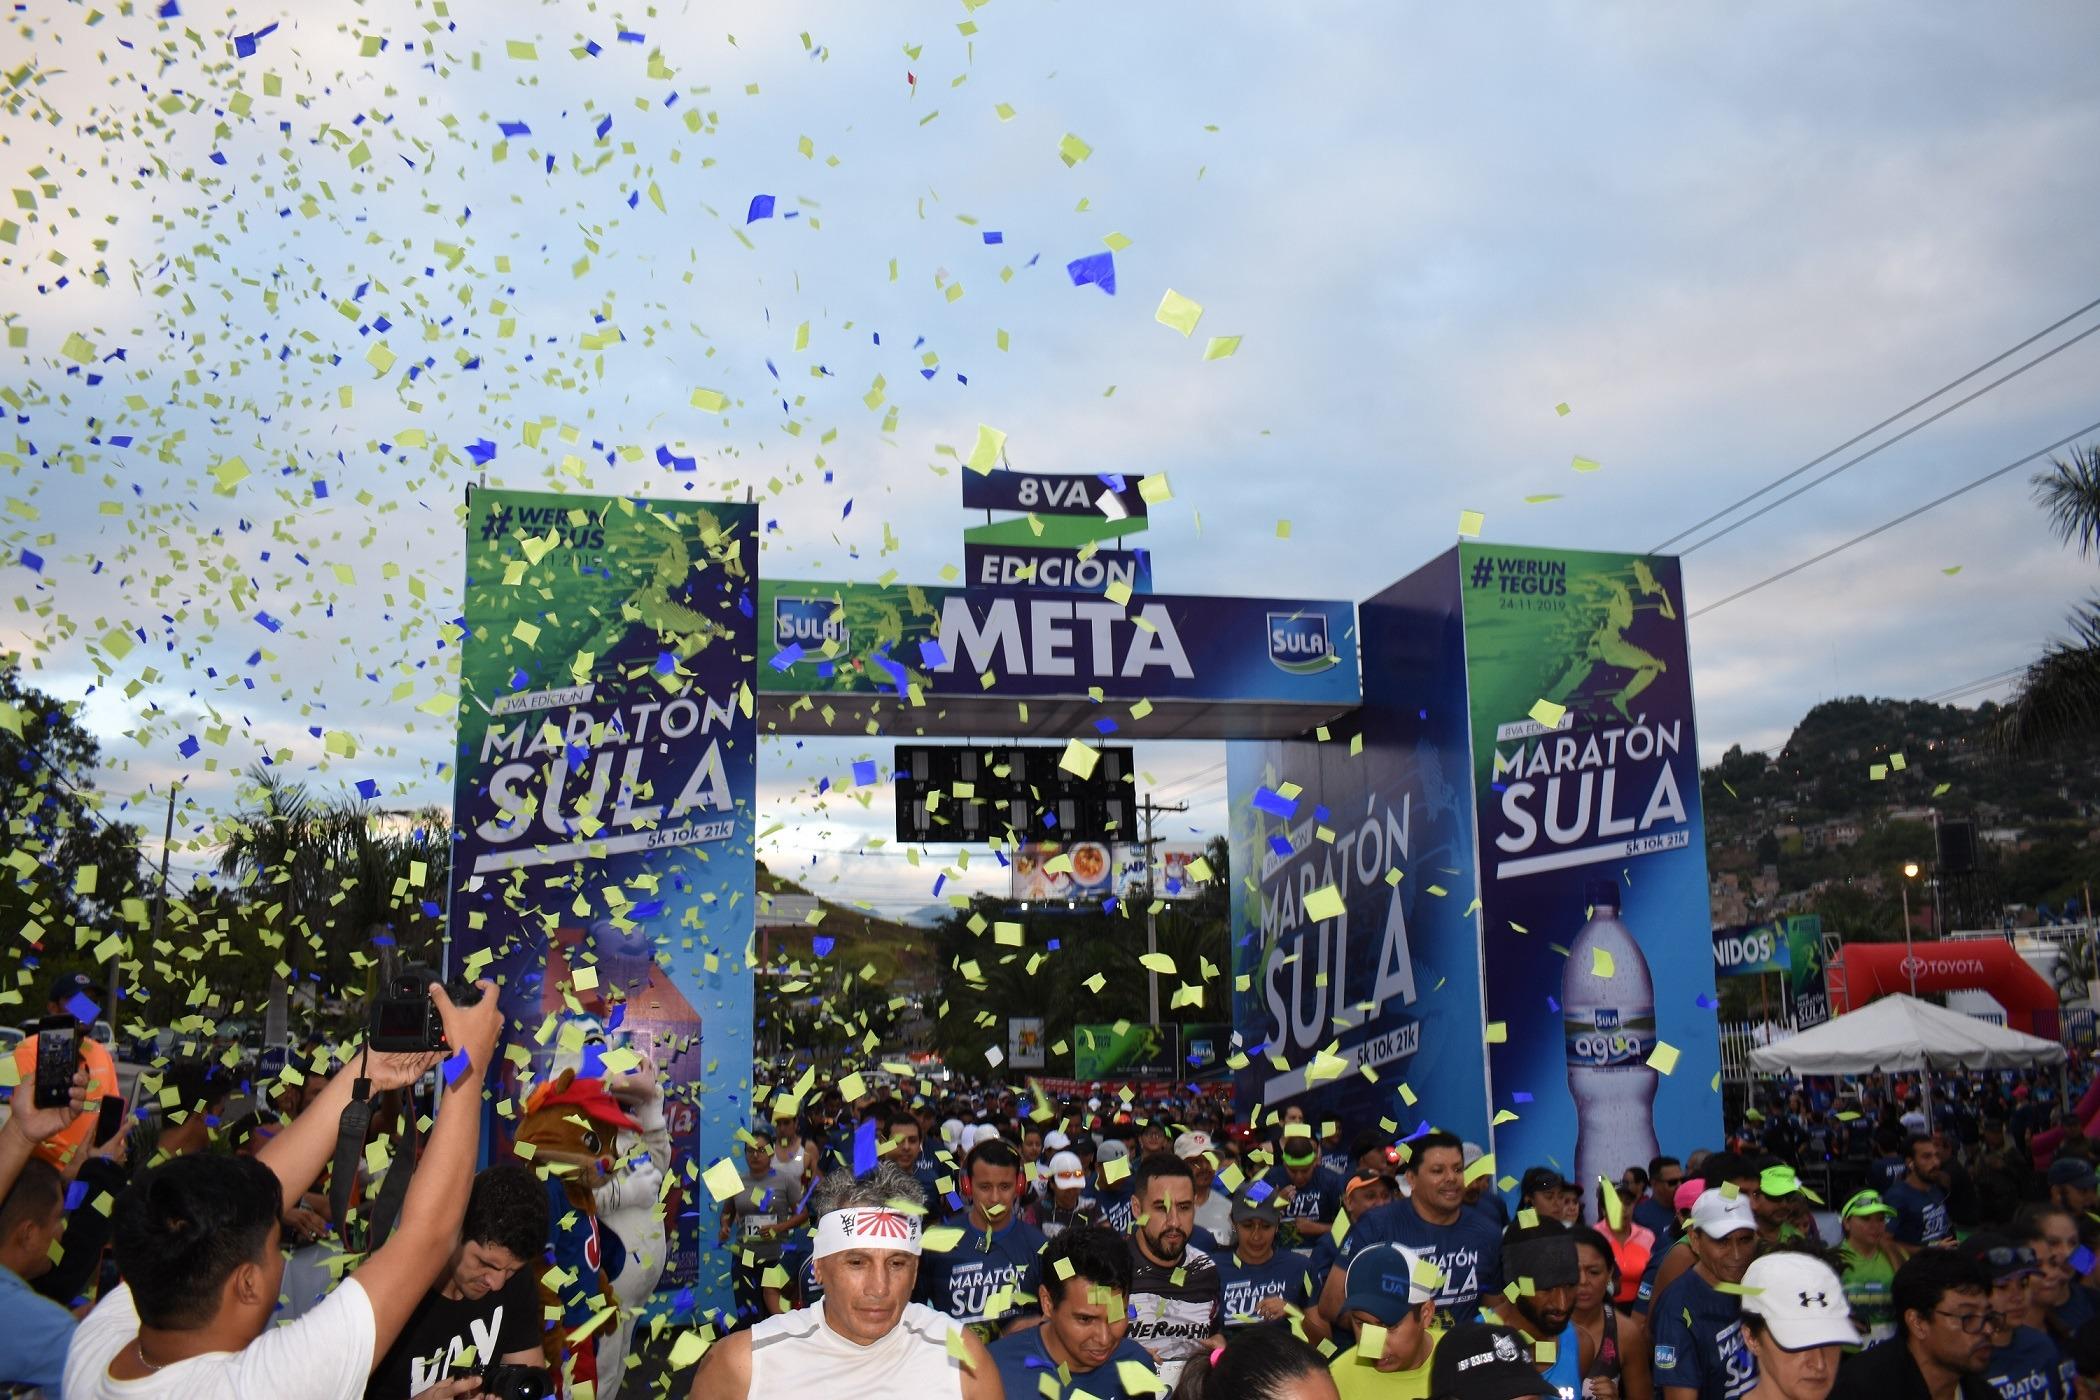 Con más de 3 mil participantes, la octava Maratón Sula concluyó en éxito total